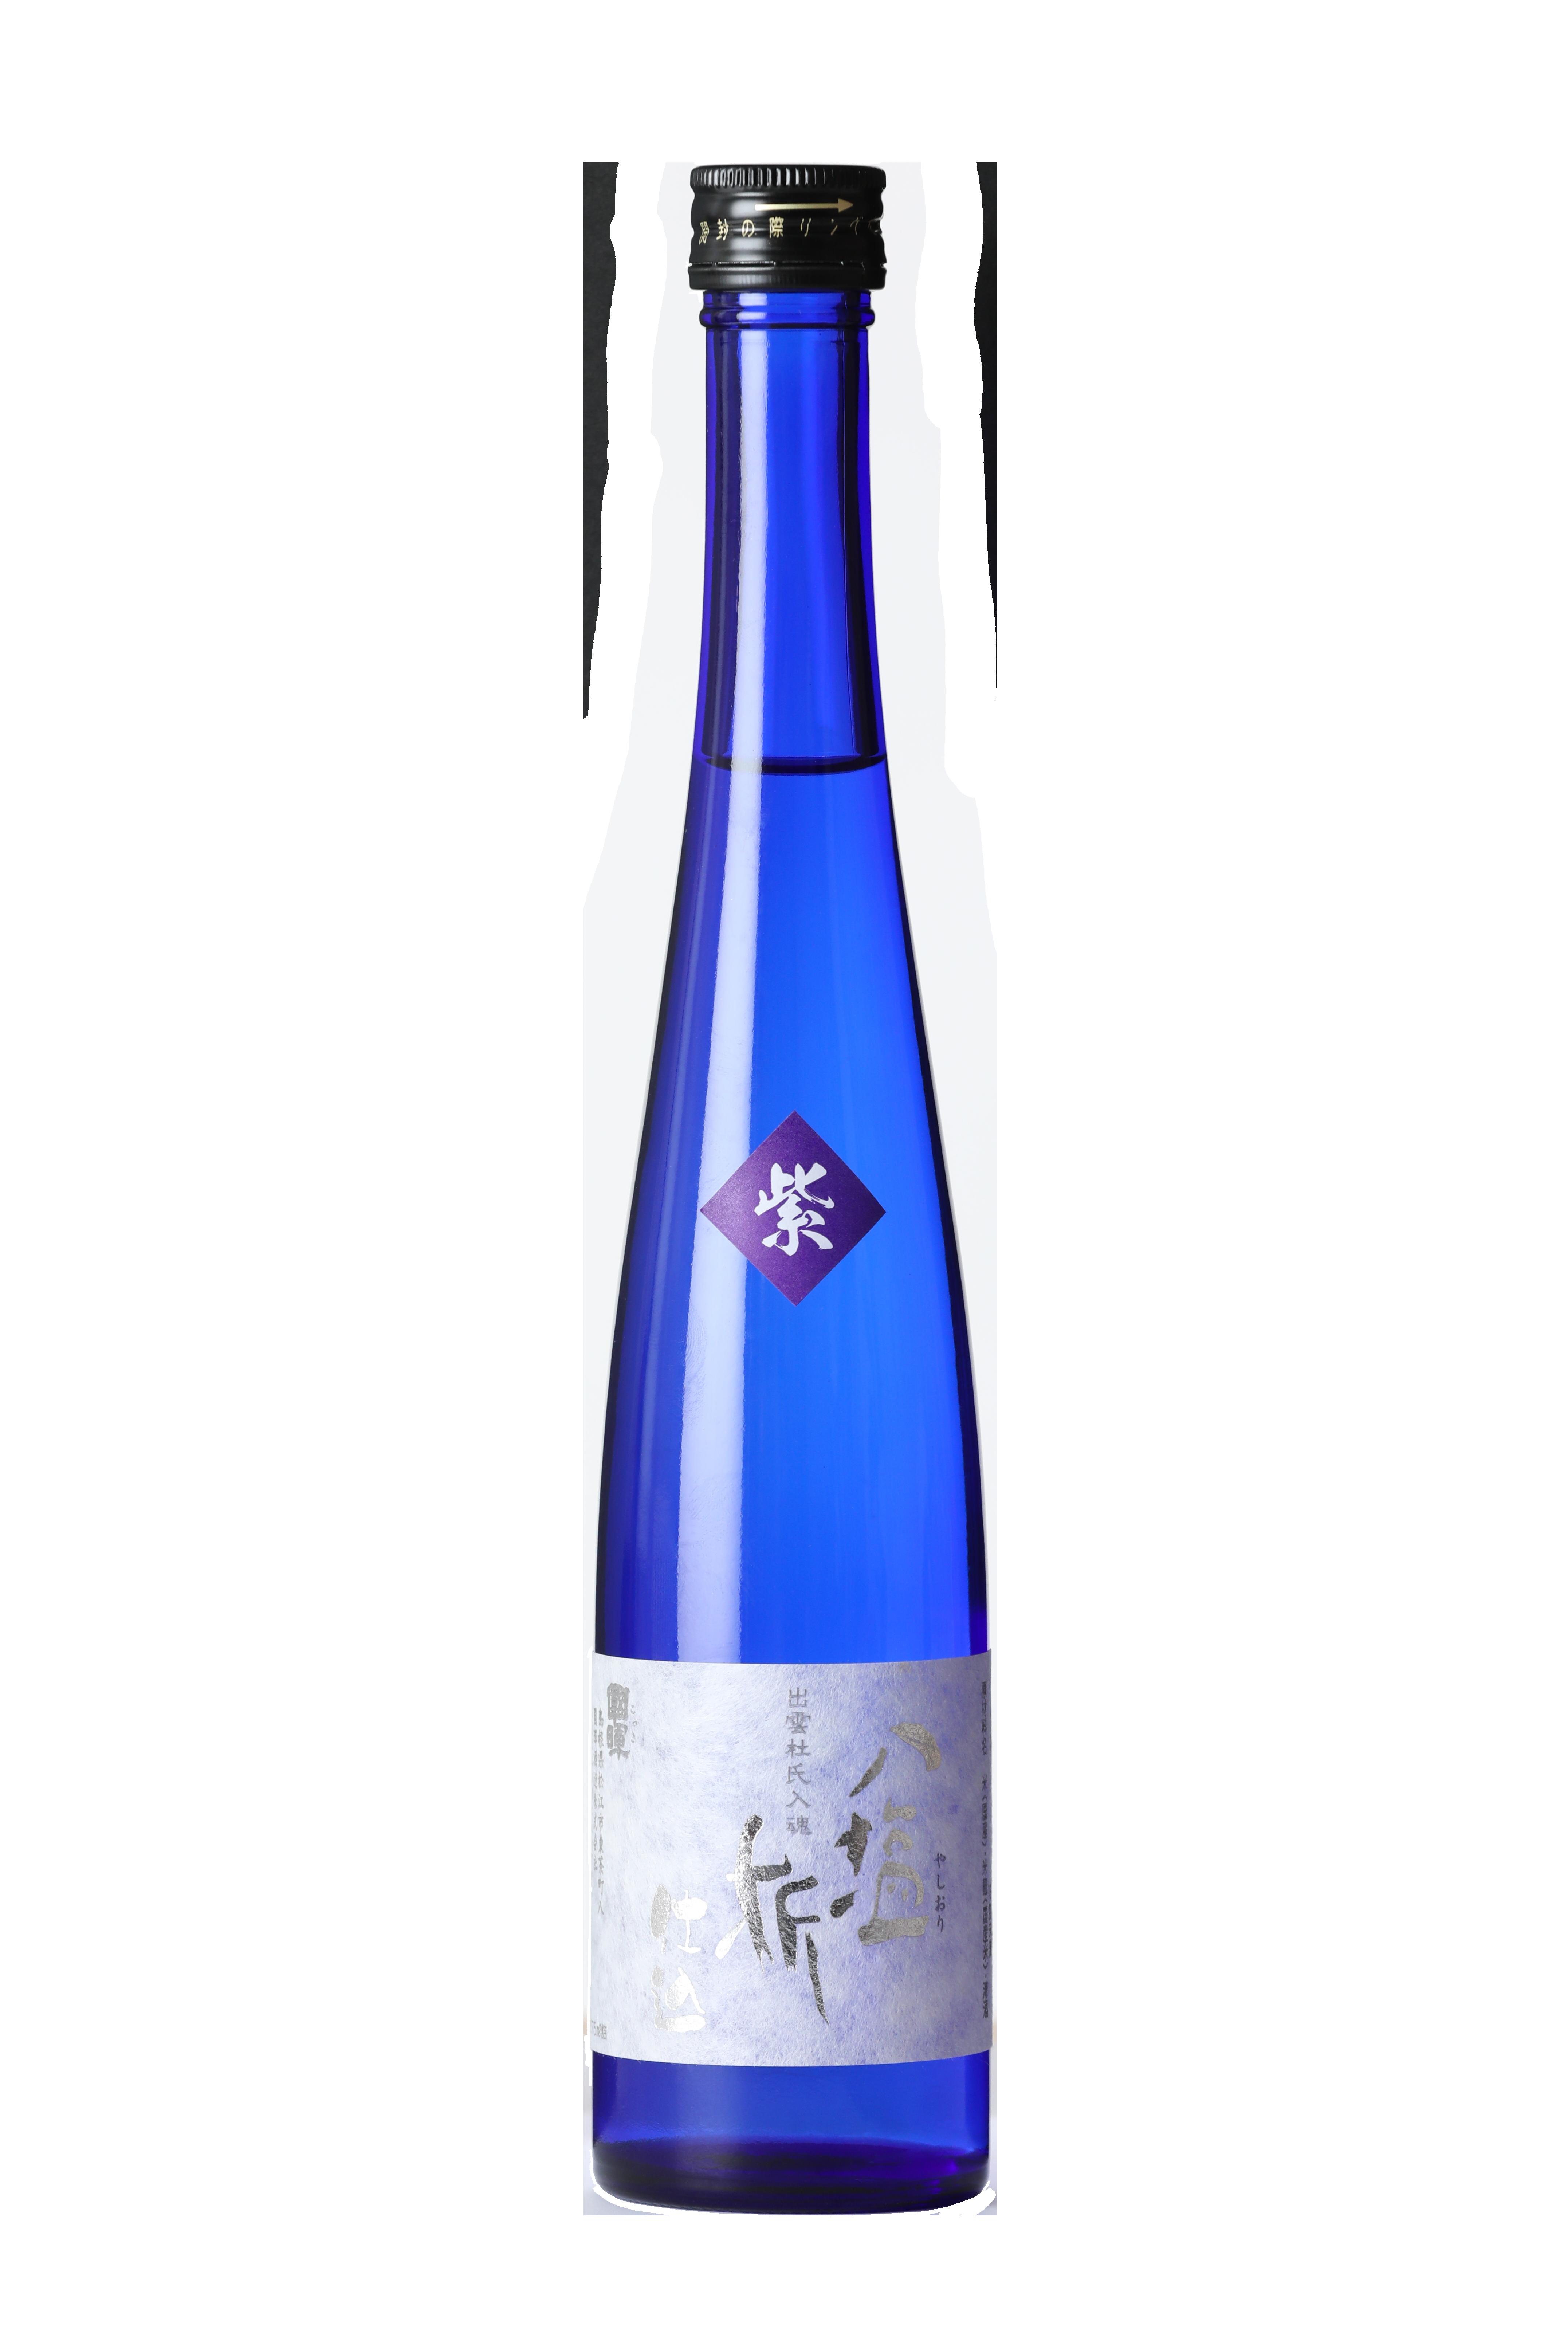 國暉 八塩折仕込 紫の位 375ml